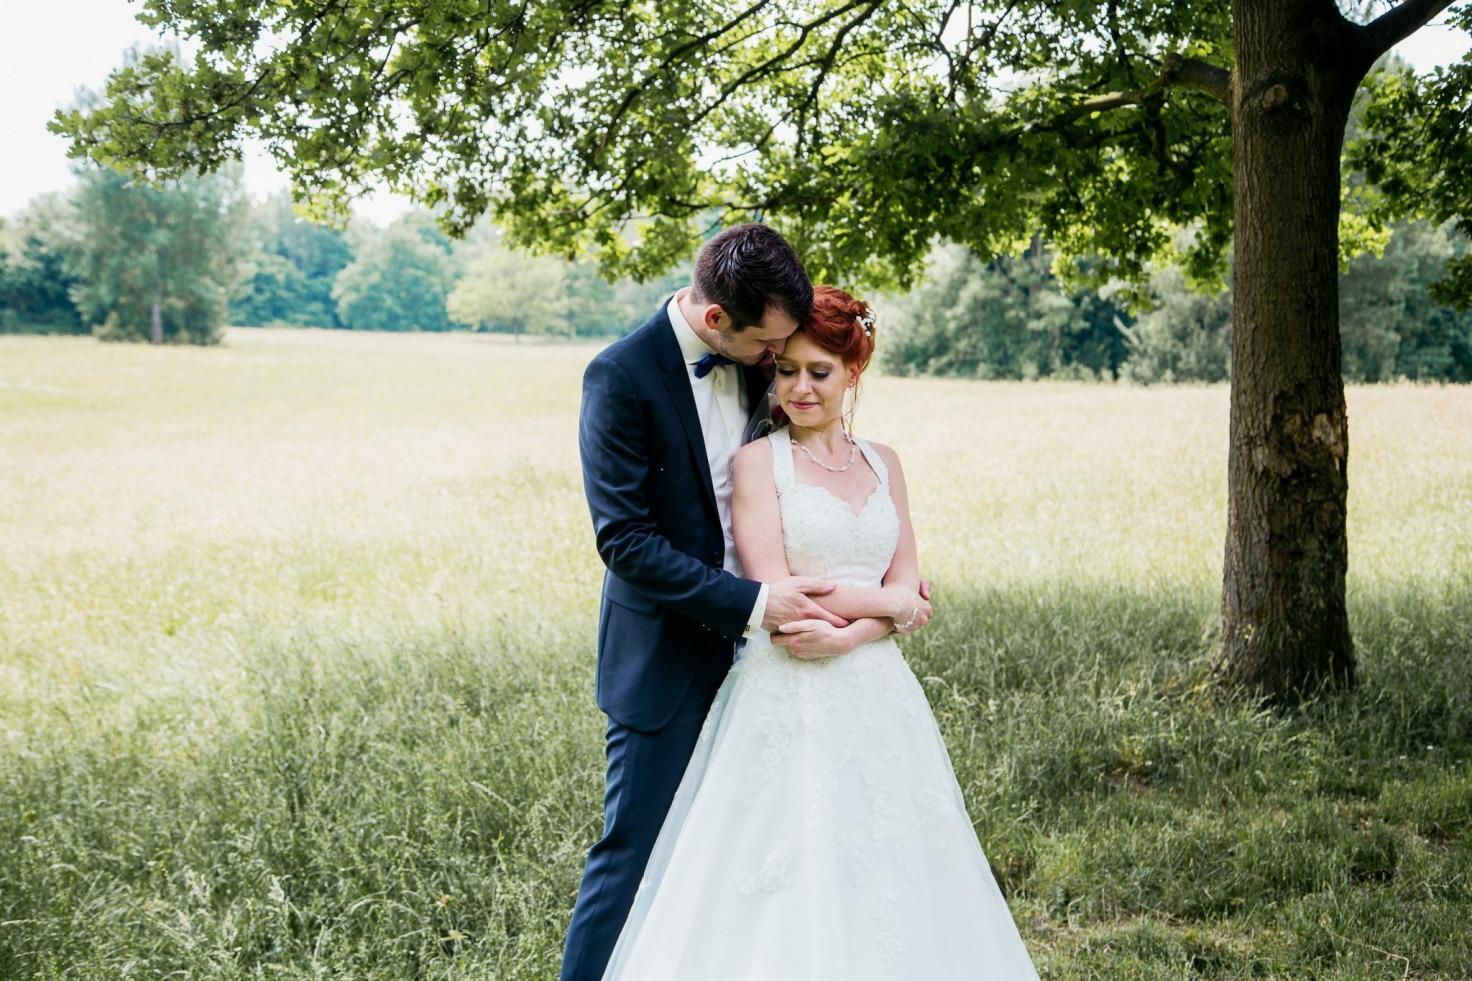 Hochzeitsfotograf Münster - Brautpaar umarmt sich